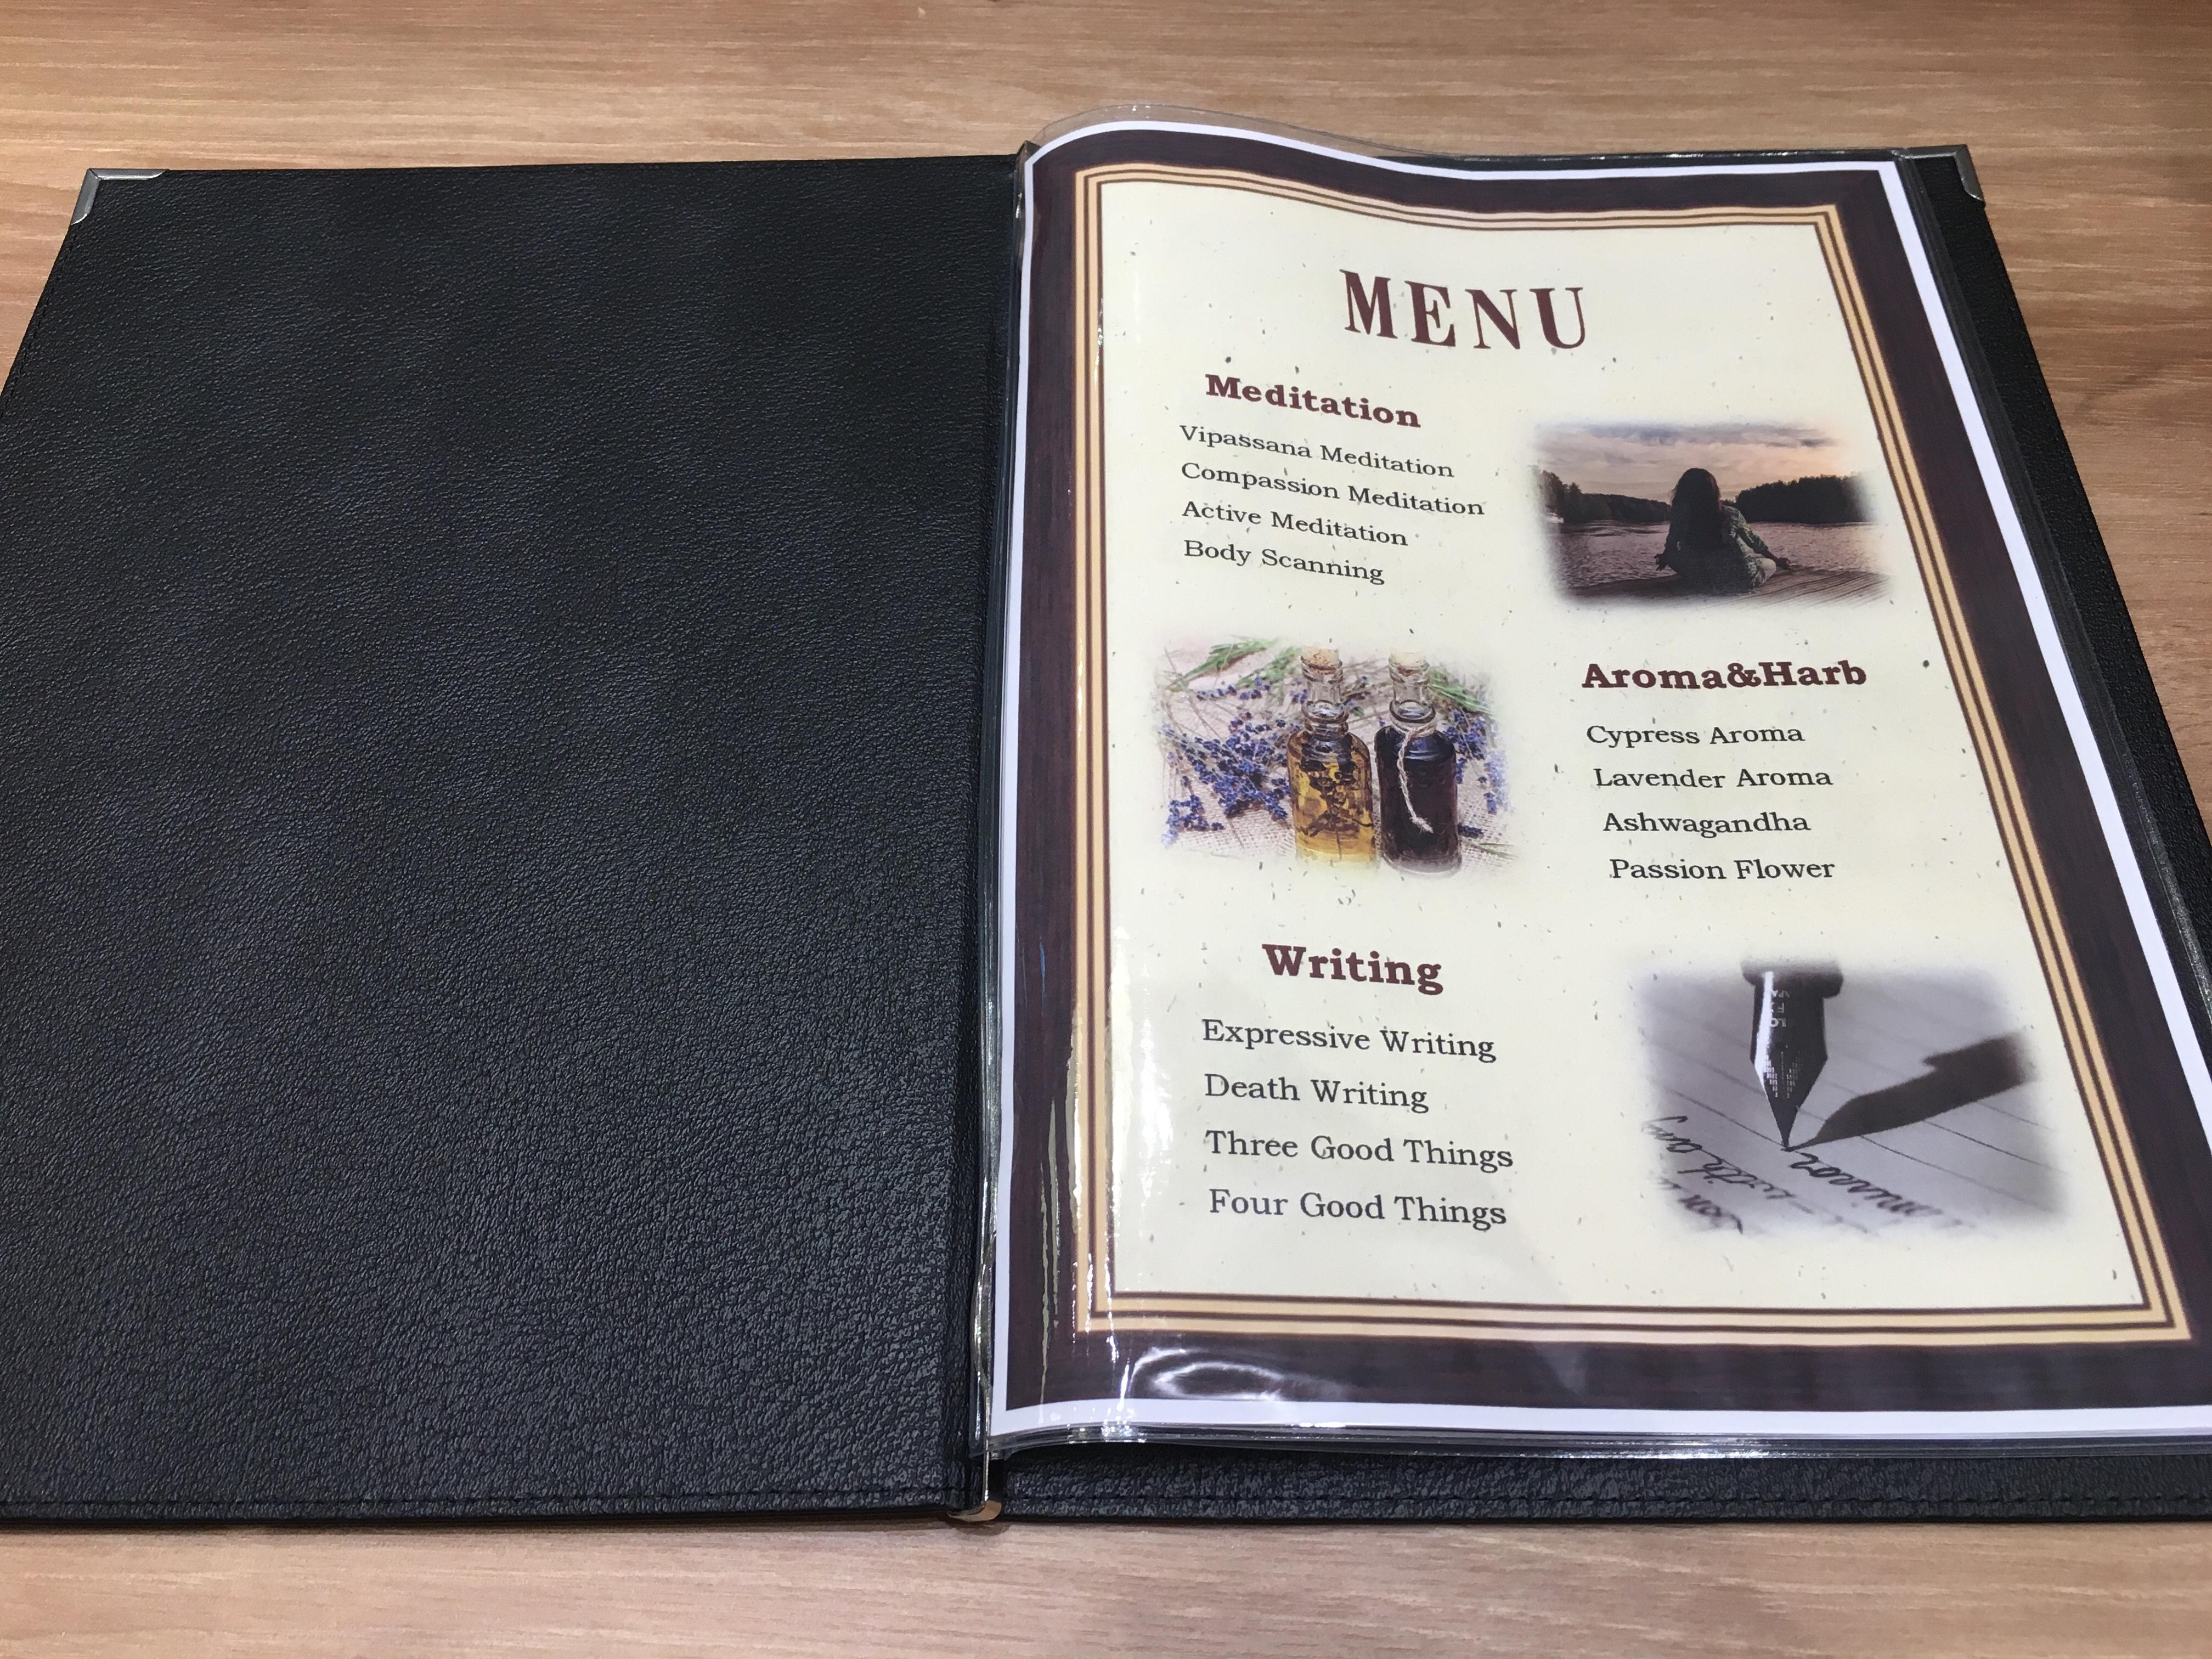 認知行動療法 コーピングレパートリー レストラン